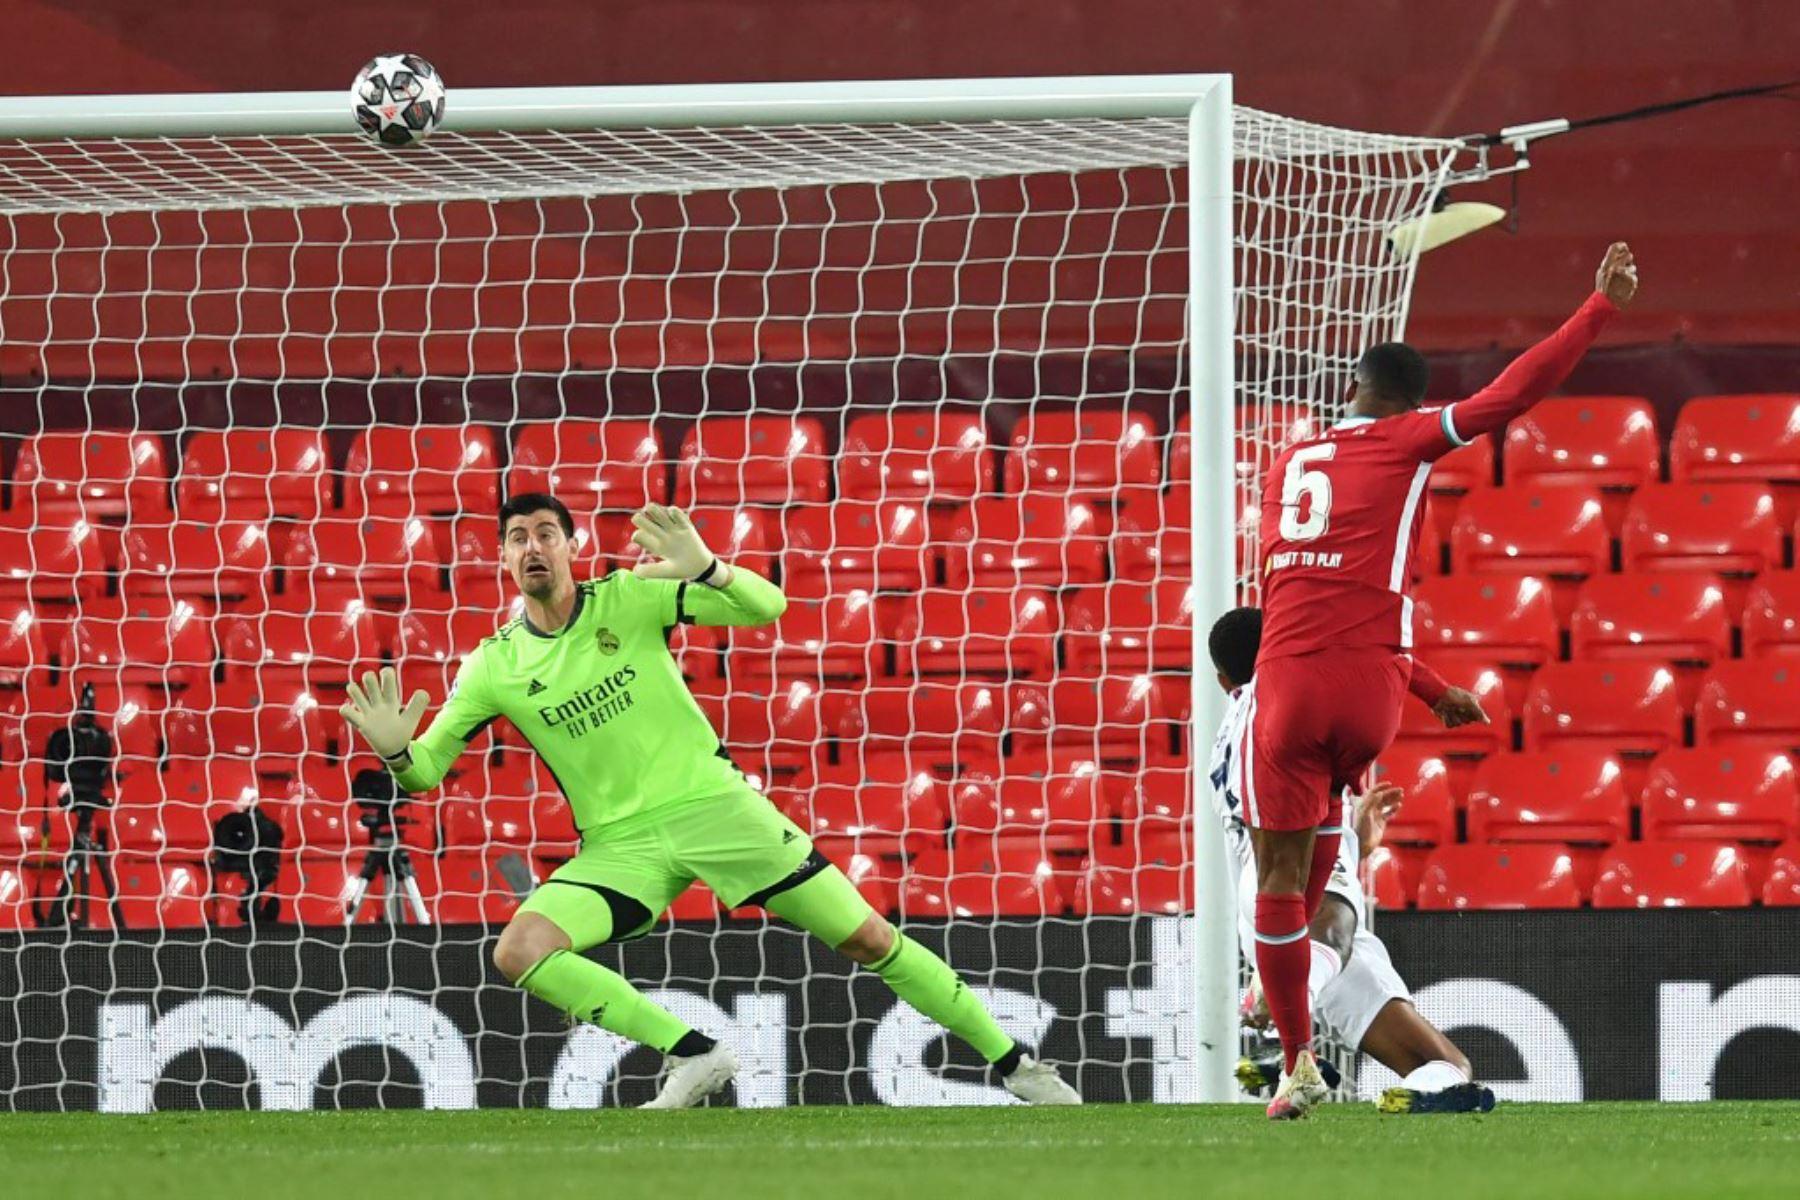 El centrocampista holandés del Liverpool, Georginio Wijnaldum (R), pierde una oportunidad de gol durante los cuartos de final de la Liga de Campeones de la UEFA de la segunda etapa del partido de fútbol entre el Liverpool y el Real Madrid en Anfield en Liverpool.  Foto: AFP